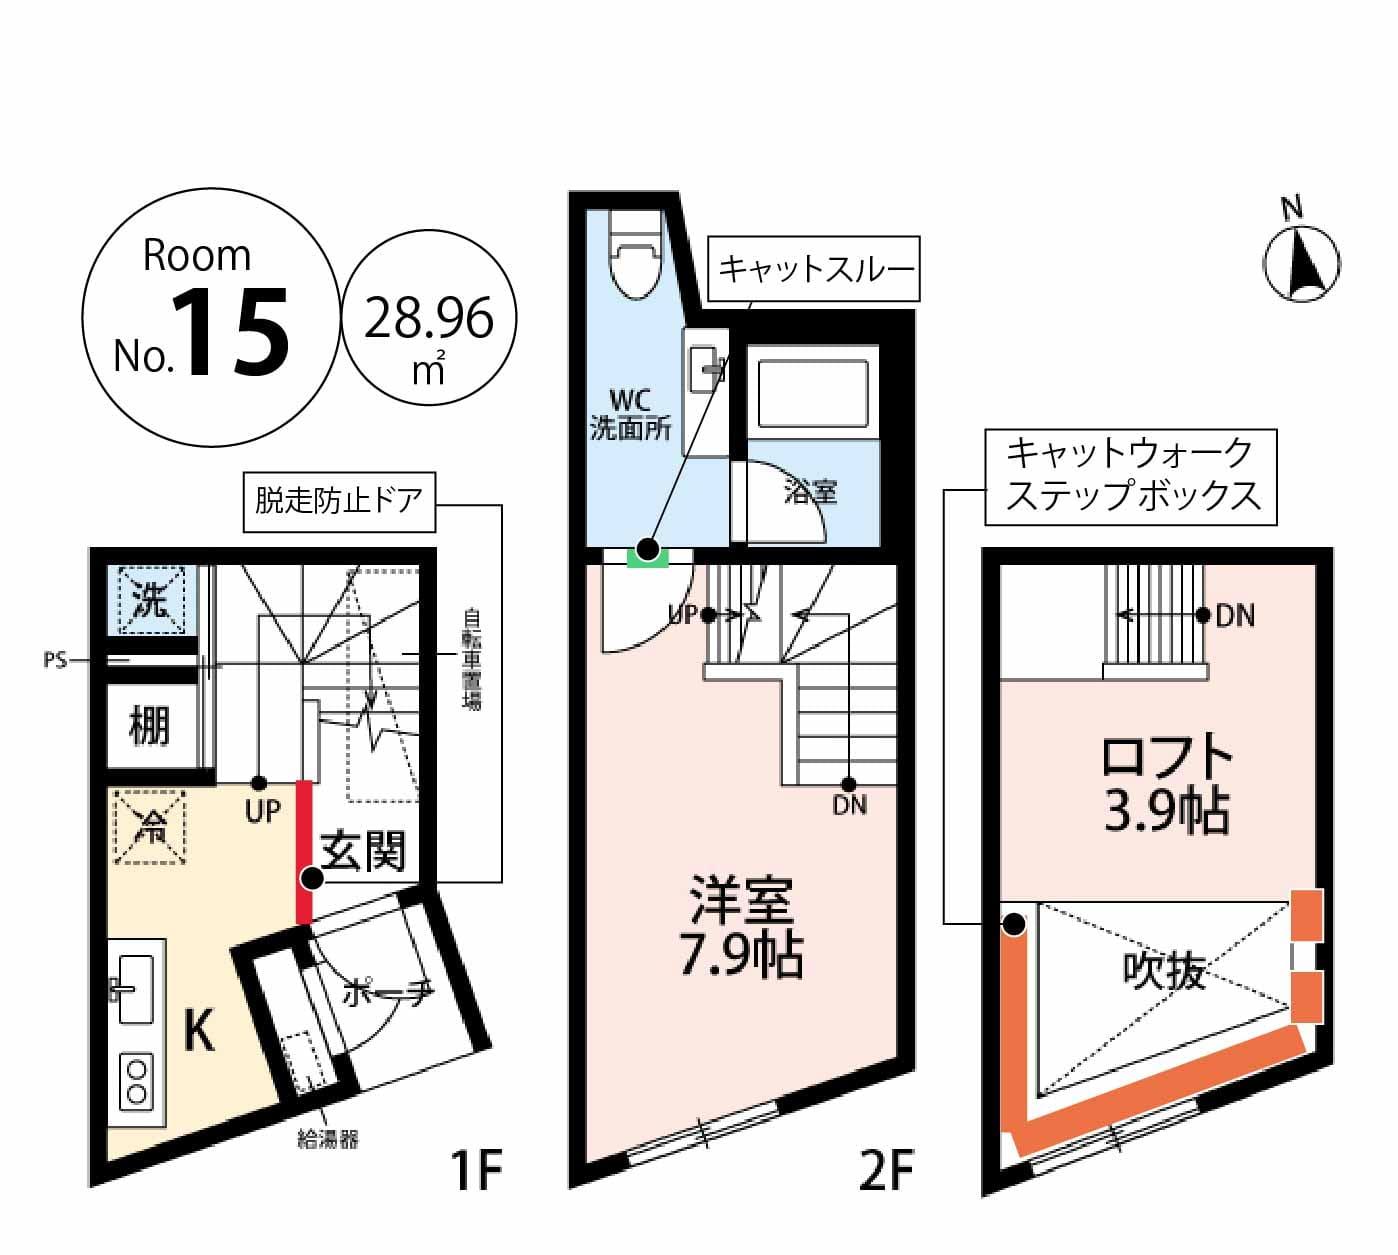 ◆お家賃111,000円(管理費別3,000円)◆猫ちゃんは3匹まで(相談)